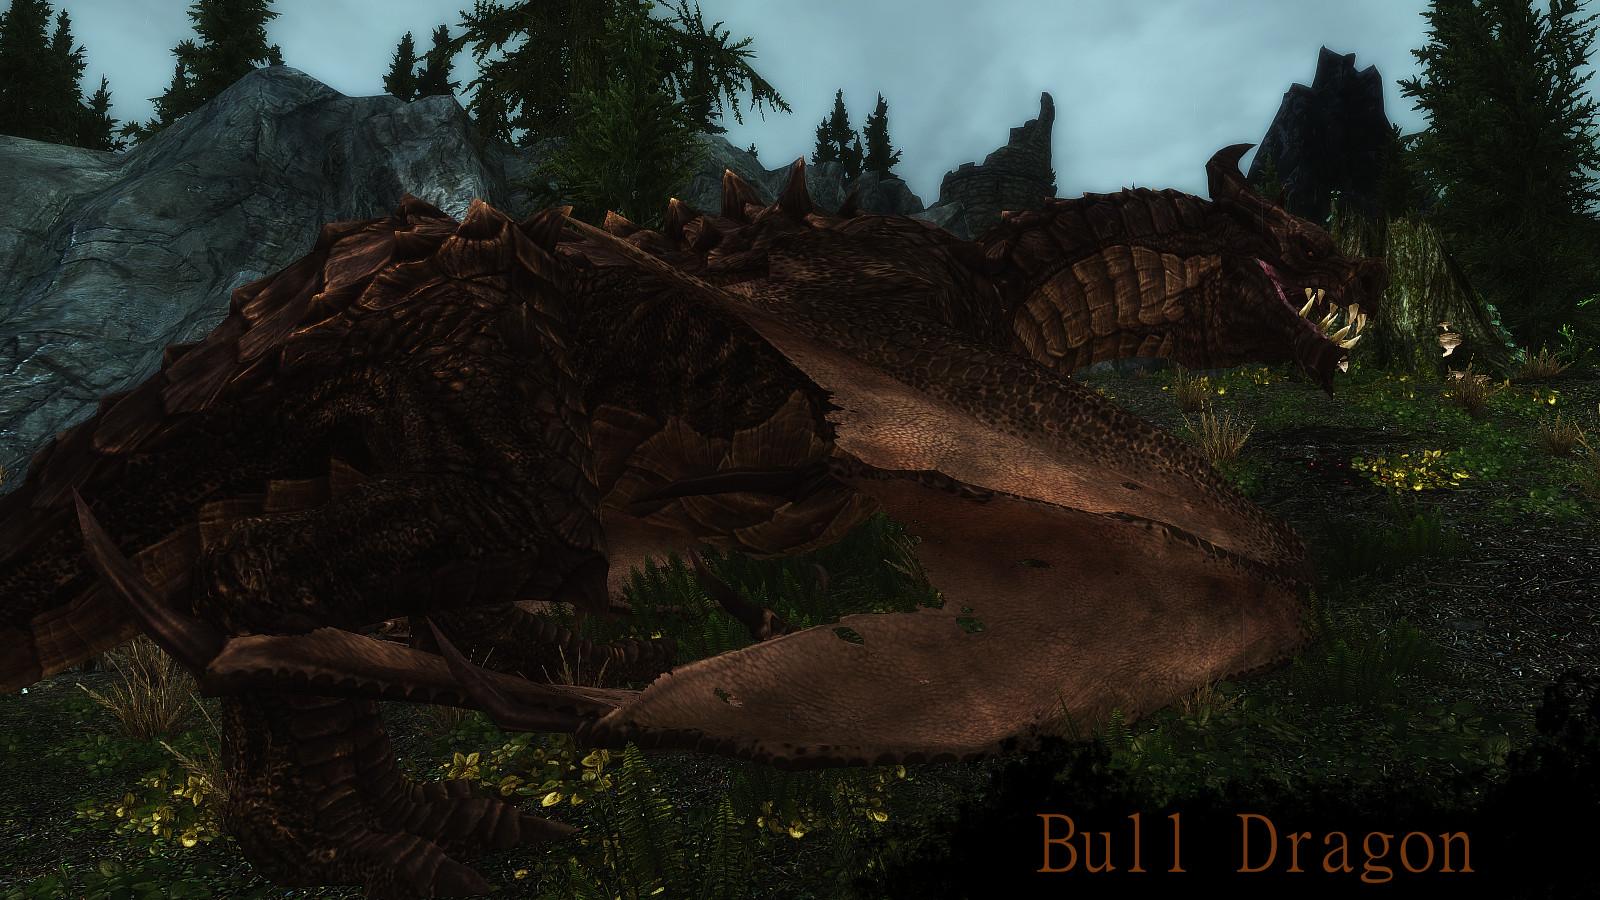 08bull.jpg